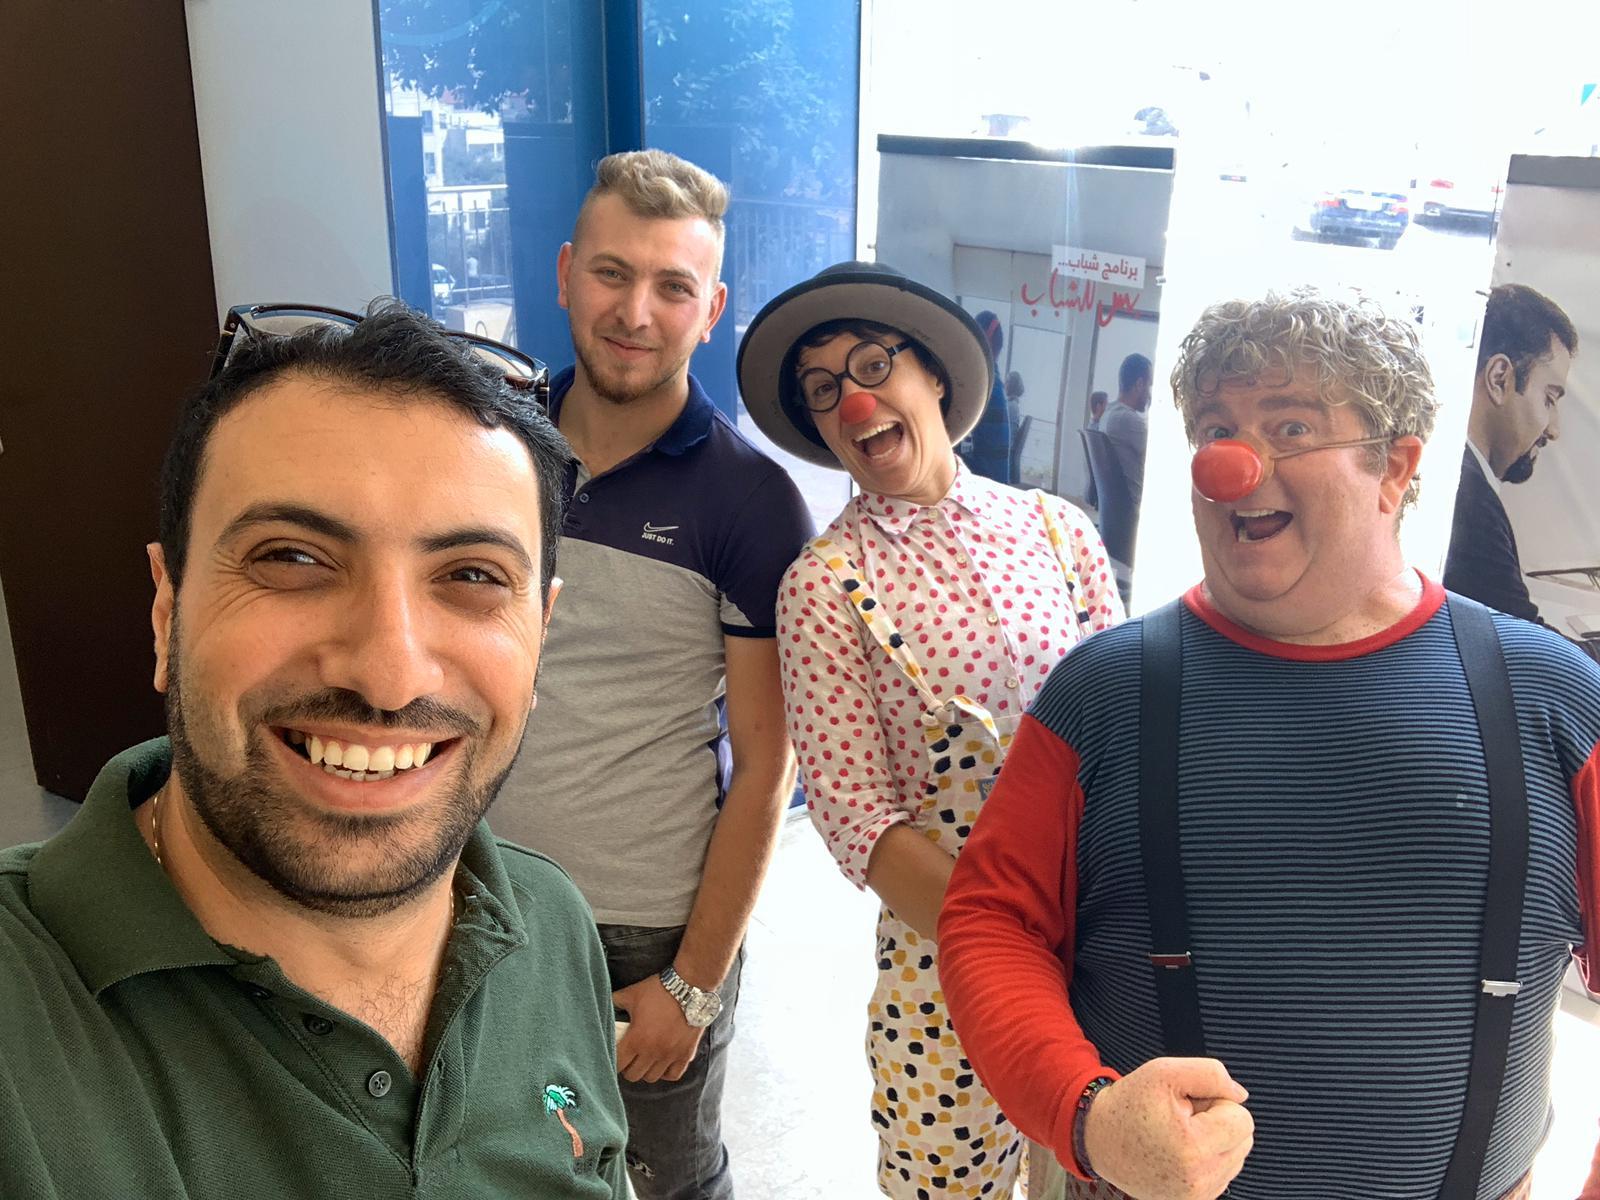 Osama, a stranger, Ania and Michael pose at the bank